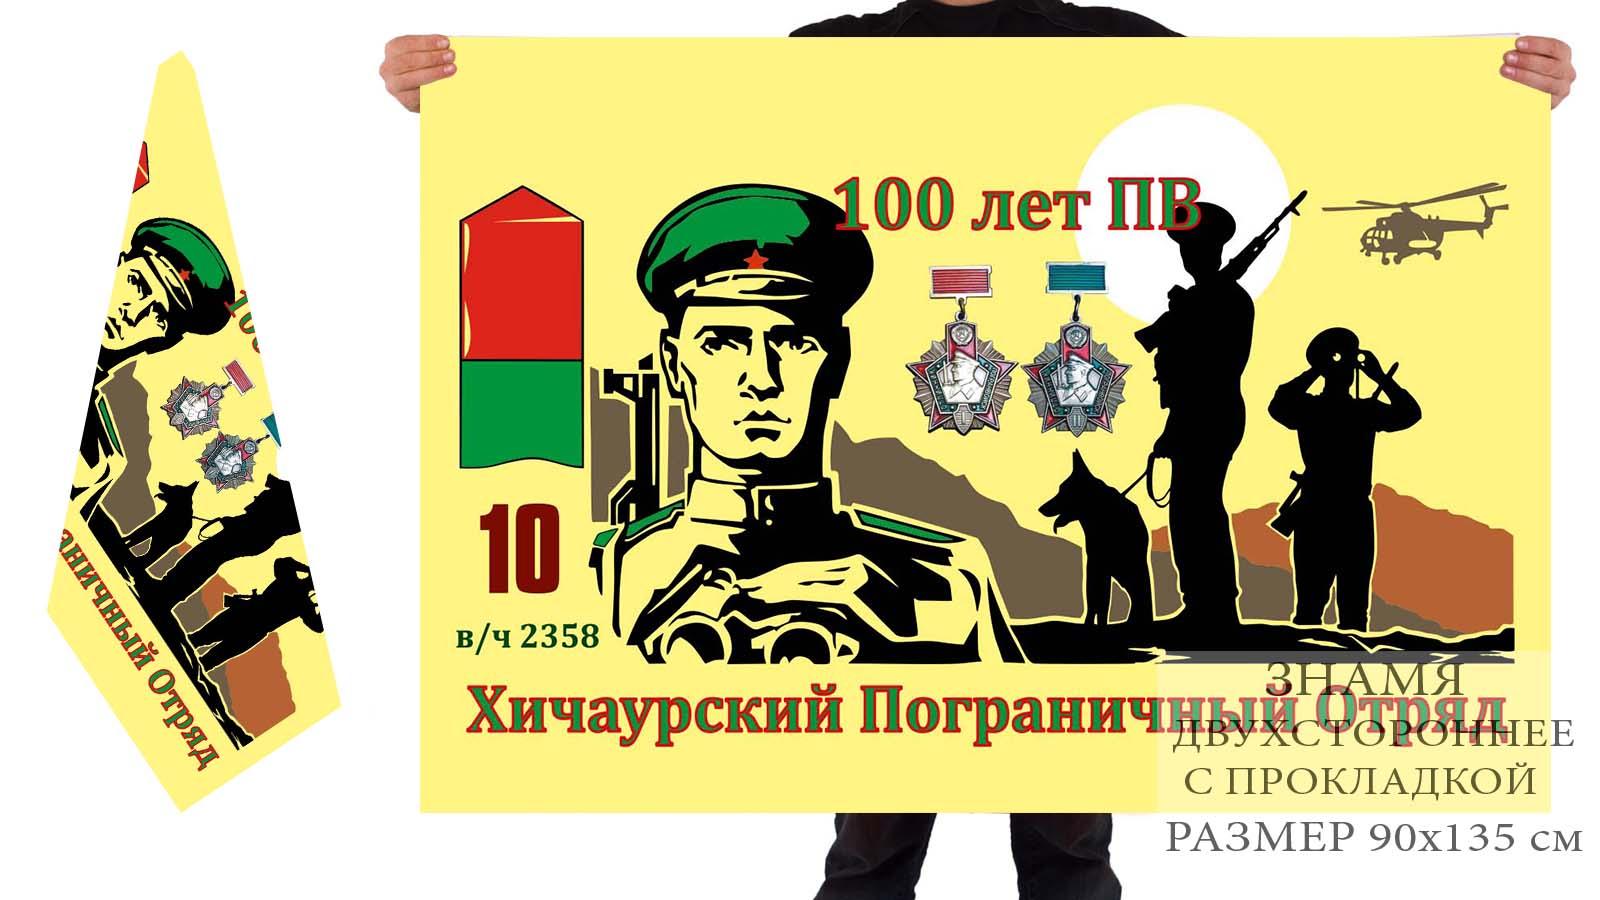 Двусторонний флаг Хичаурского Пограничного отряда